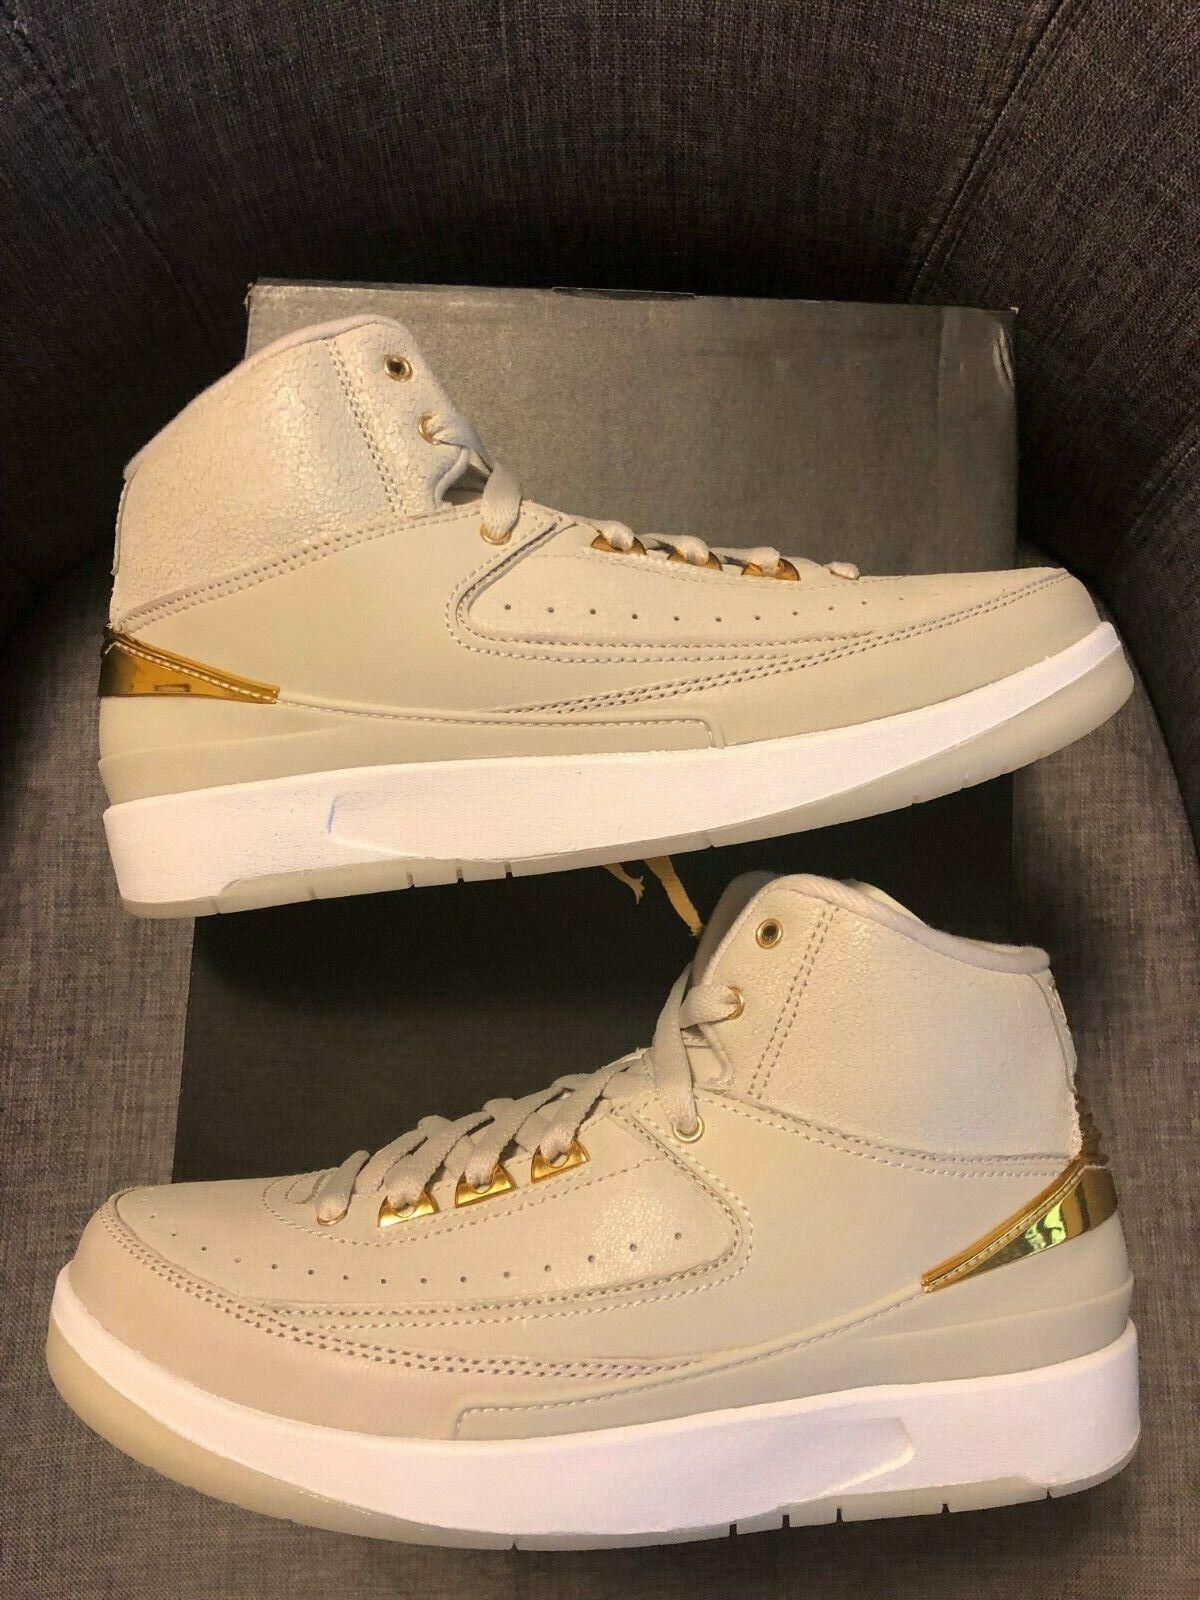 d94cb0dc4de0 Nike Air Jordan Jordan Jordan 2 Retro Q54 Quai 54 GS size 5.5Y 5Y 6Y ...